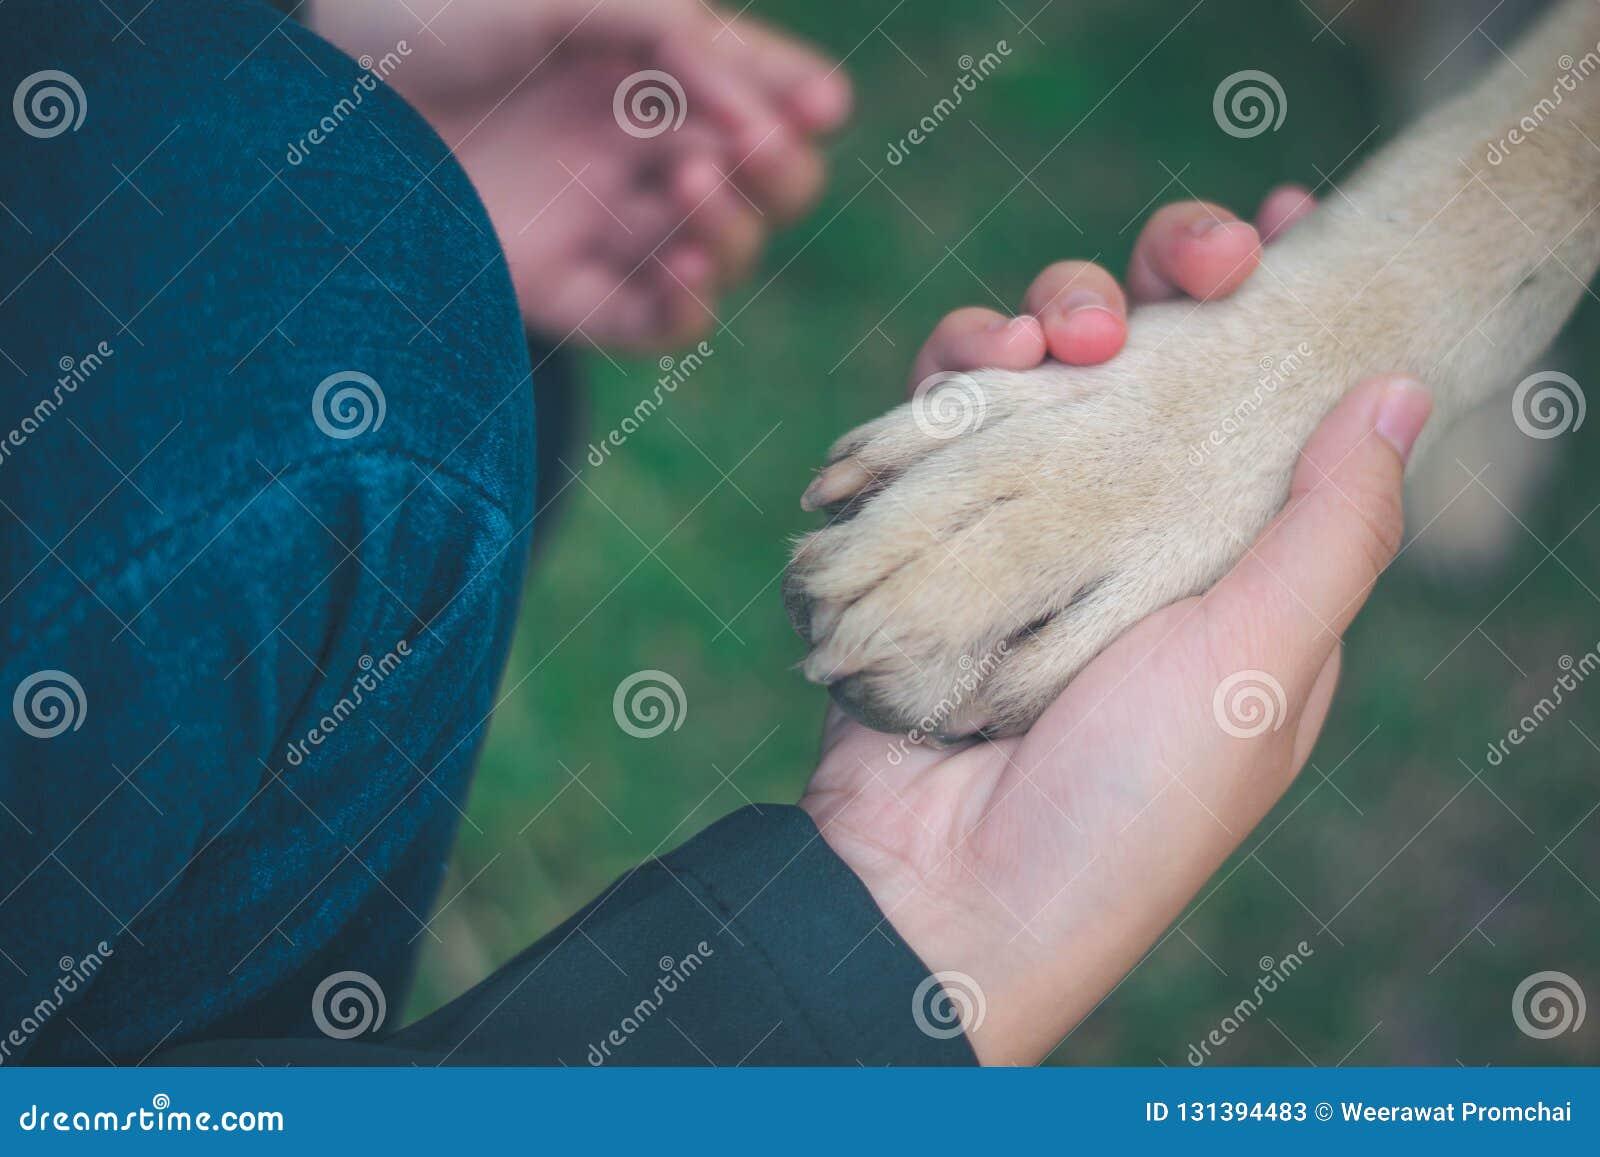 Σχέση μεταξύ του ανθρώπου και του σκυλιού